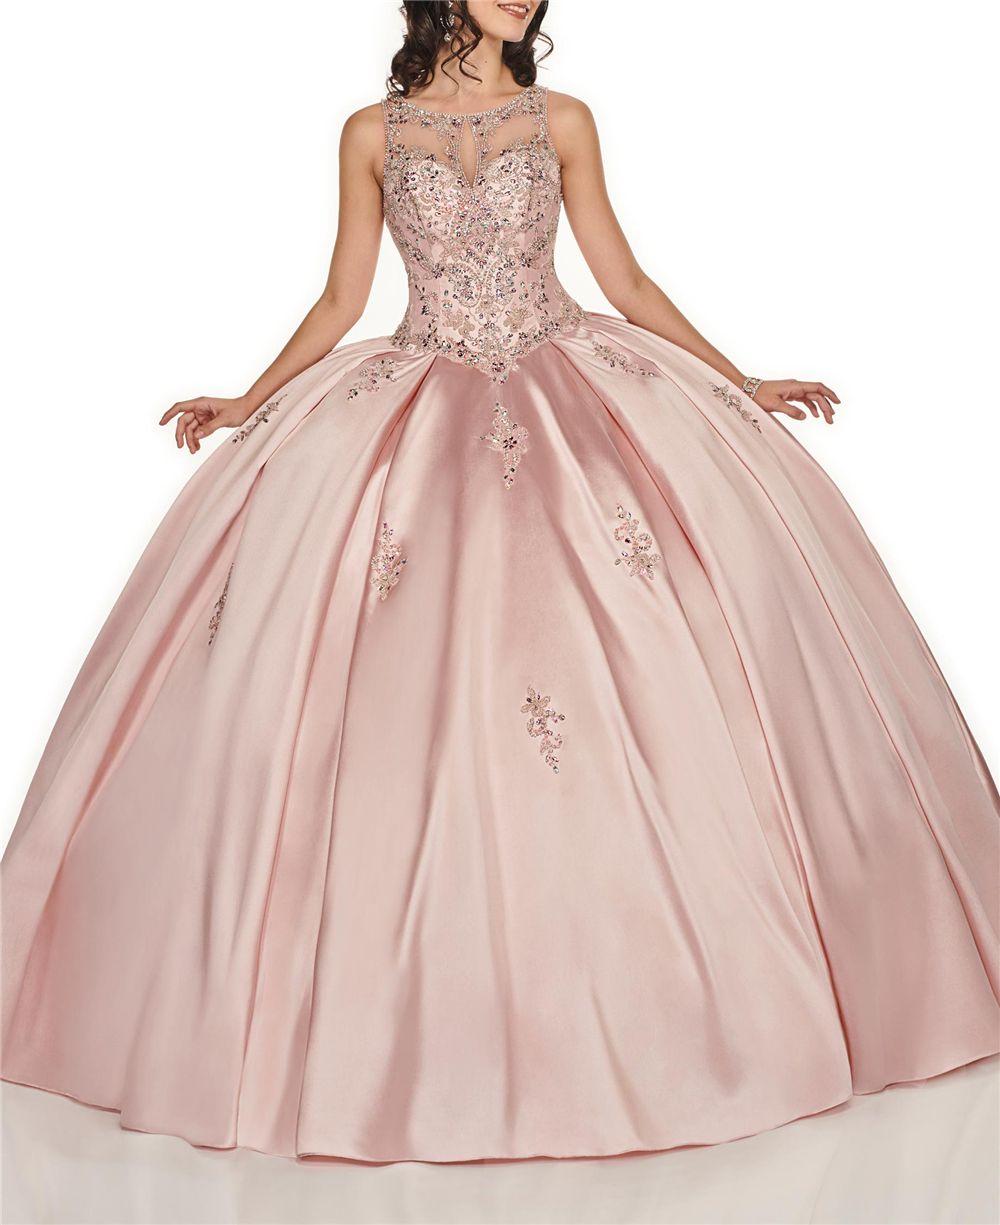 Rosa de raso vestidos cucharada apliques rebordear Cosechas con cordones de Backhole Vestidos de quinceañera 16 Dulces 15 Años de Quinceañera Vestidos